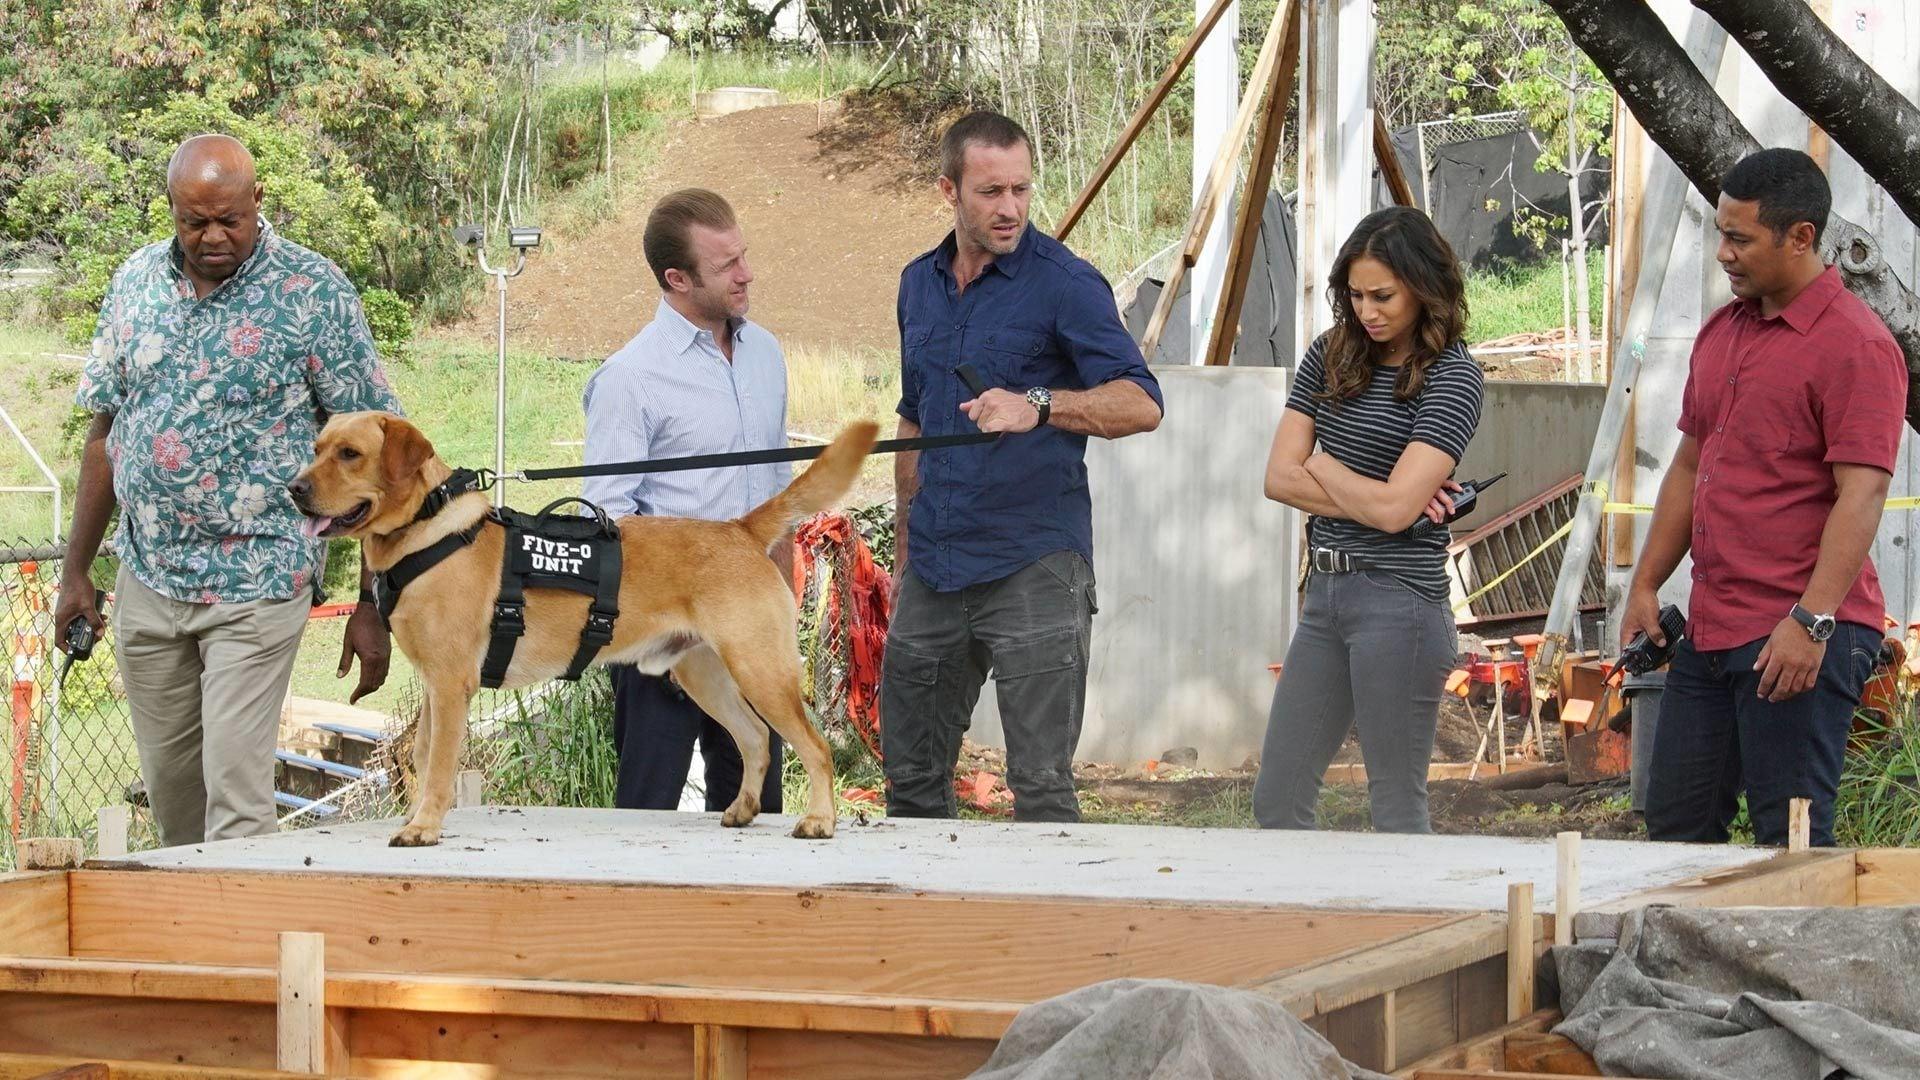 Hawaii Five-0 Season 8 :Episode 16  O na hoku o ka lani ka i 'ike ia Pae' (Only the Stars of Heaven Know Where Pae Is)